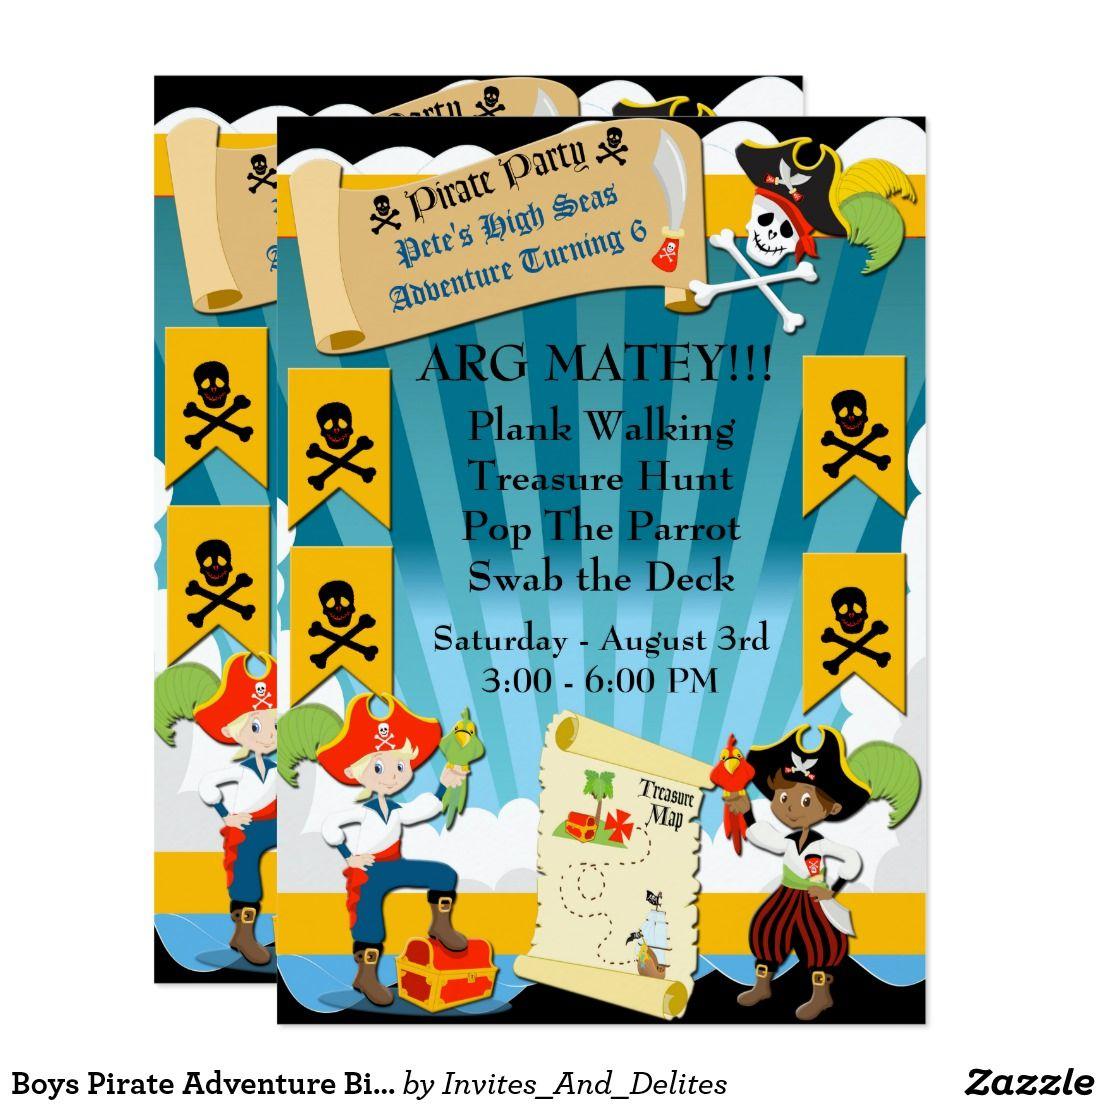 Boys pirate adventure birthday party invite pirate adventure boys pirate adventure birthday party invite stopboris Choice Image